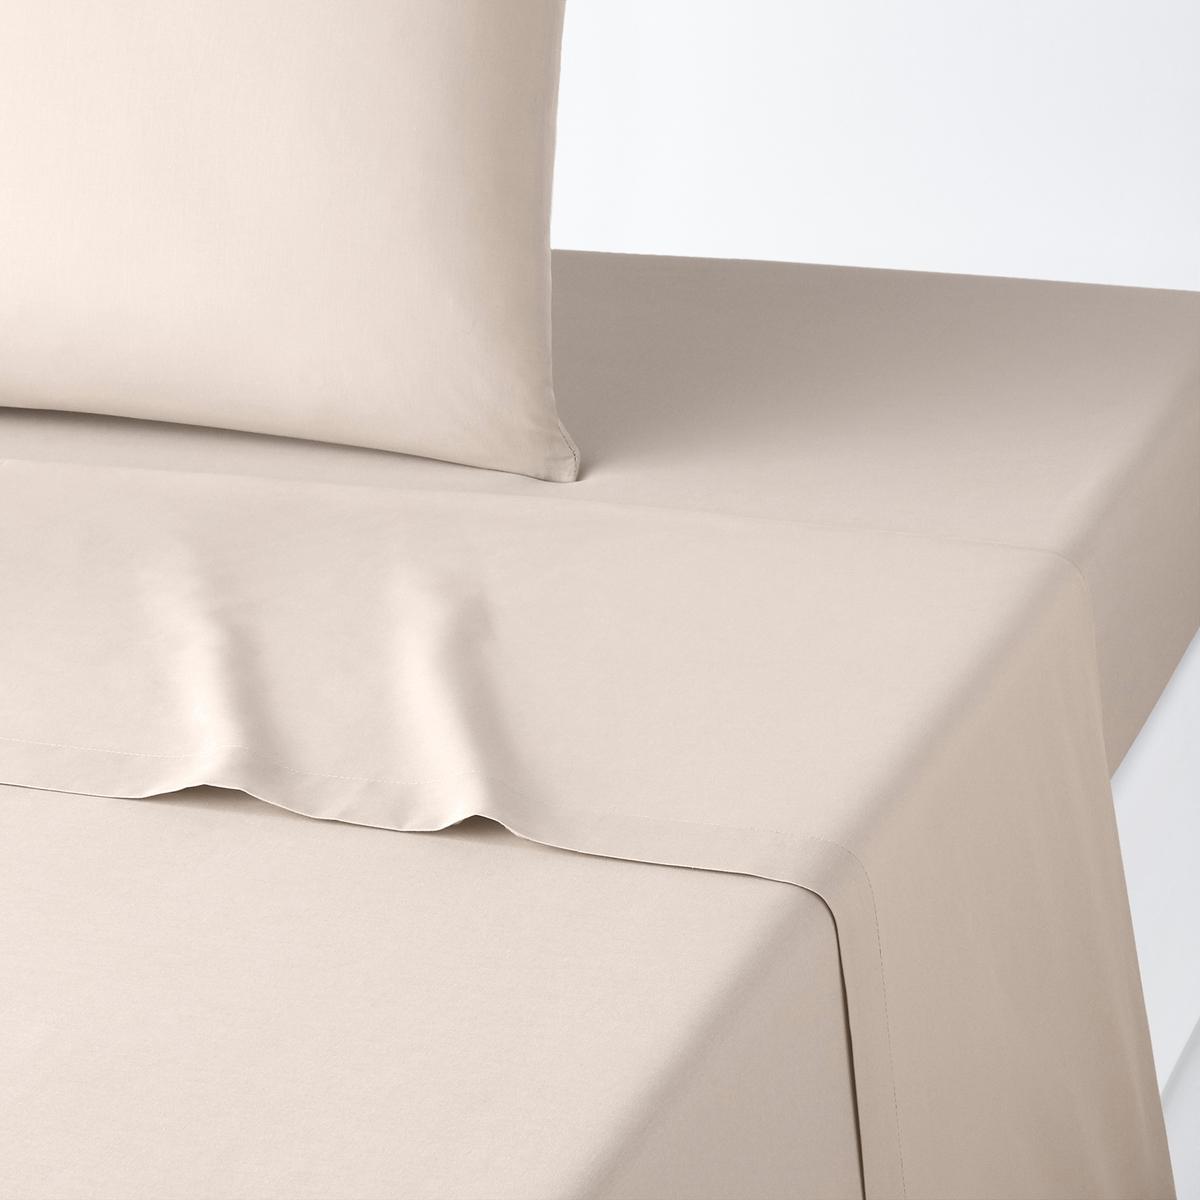 Простыня, 100% хлопокПростыня из 100% хлопка, ткань с плотным переплетением нитей .Отличная стойкость цвета при стирке при 60°.57 нитей/см? : чем больше нитей/см?, тем выше качество материалаПроизводство осуществляется с учетом стандартов по защите окружающей среды и здоровья человека, что подтверждено сертификатом Oeko-tex®.  . Простыня :150 x 250 см: 1-сп . 1-сп??180 x 290 см: 1-сп .240 х 290 см : 2-сп.270 x 290 см : 2-сп.Ищите комплект постельного белья SC?NARIO на нашем сайте<br><br>Цвет: антрацит,белый,бледный сине-зеленый,бордовый,вишневый,голубой бирюзовый,желтый горчичный,зеленый,нежно-розовый,розовое дерево,светло-бежевый,серо-коричневый каштан,Серо-синий,серый жемчужный,сине-зеленый,смородиновый,темно-серый,фиолетовый,черный<br>Размер: 180 x 290  см.150 x 250  см.180 x 290  см.150 x 250  см.150 x 250  см.240 x 290  см.270 x 290  см.180 x 290  см.150 x 250  см.270 x 290  см.270 x 290  см.150 x 250  см